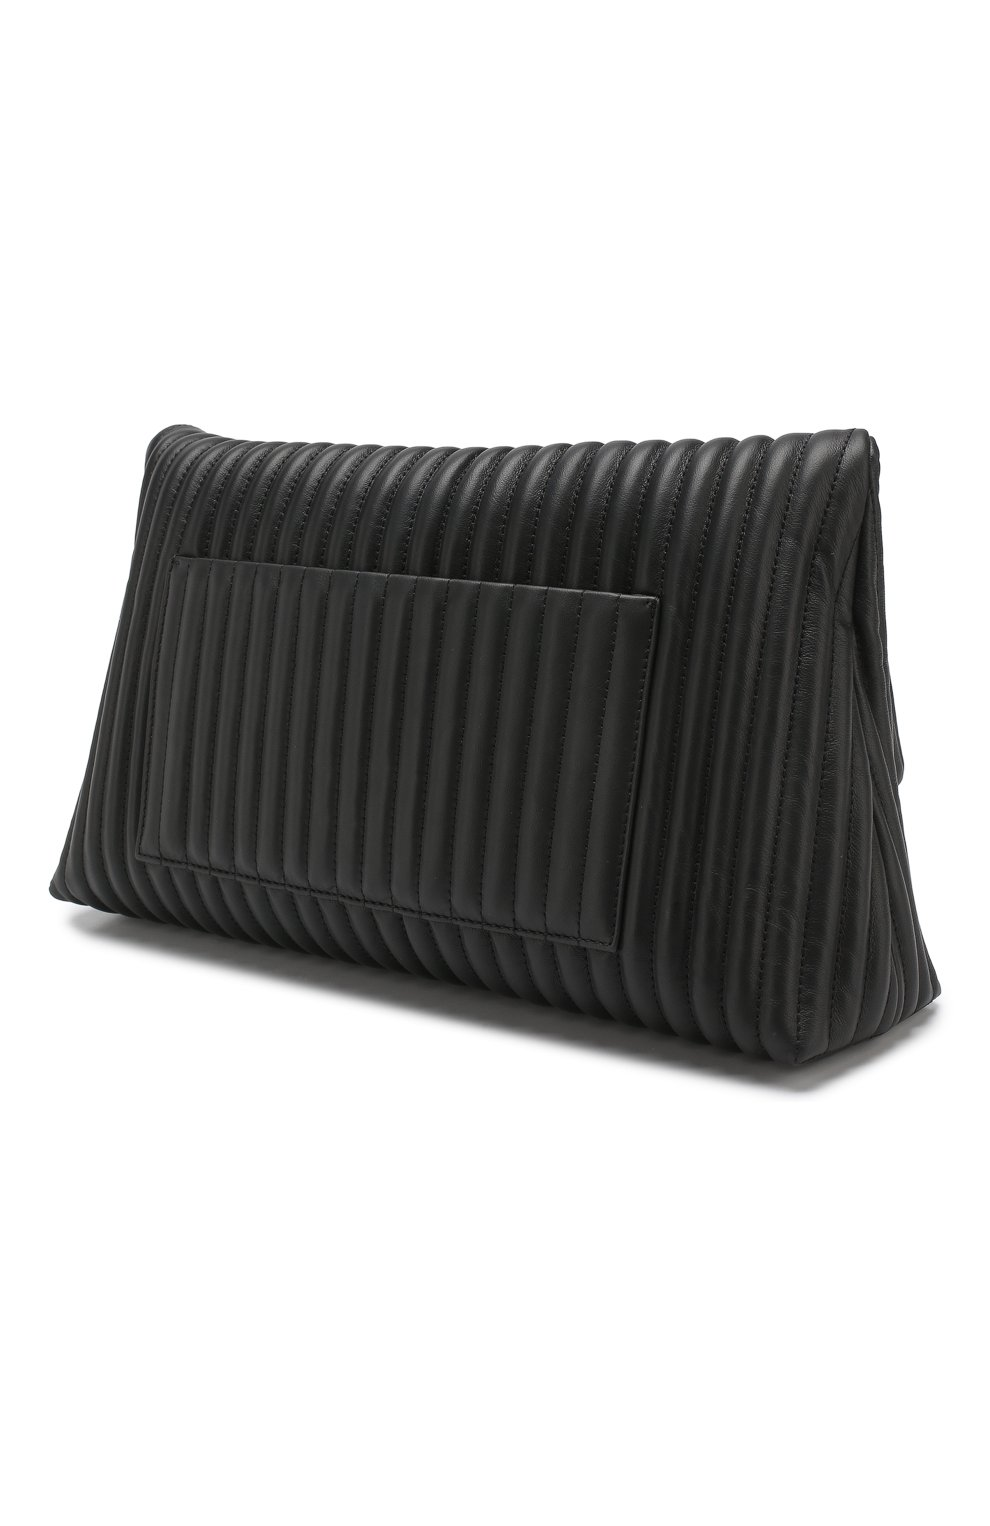 Клатч Natalia Soft Tom Ford черного цвета | Фото №3